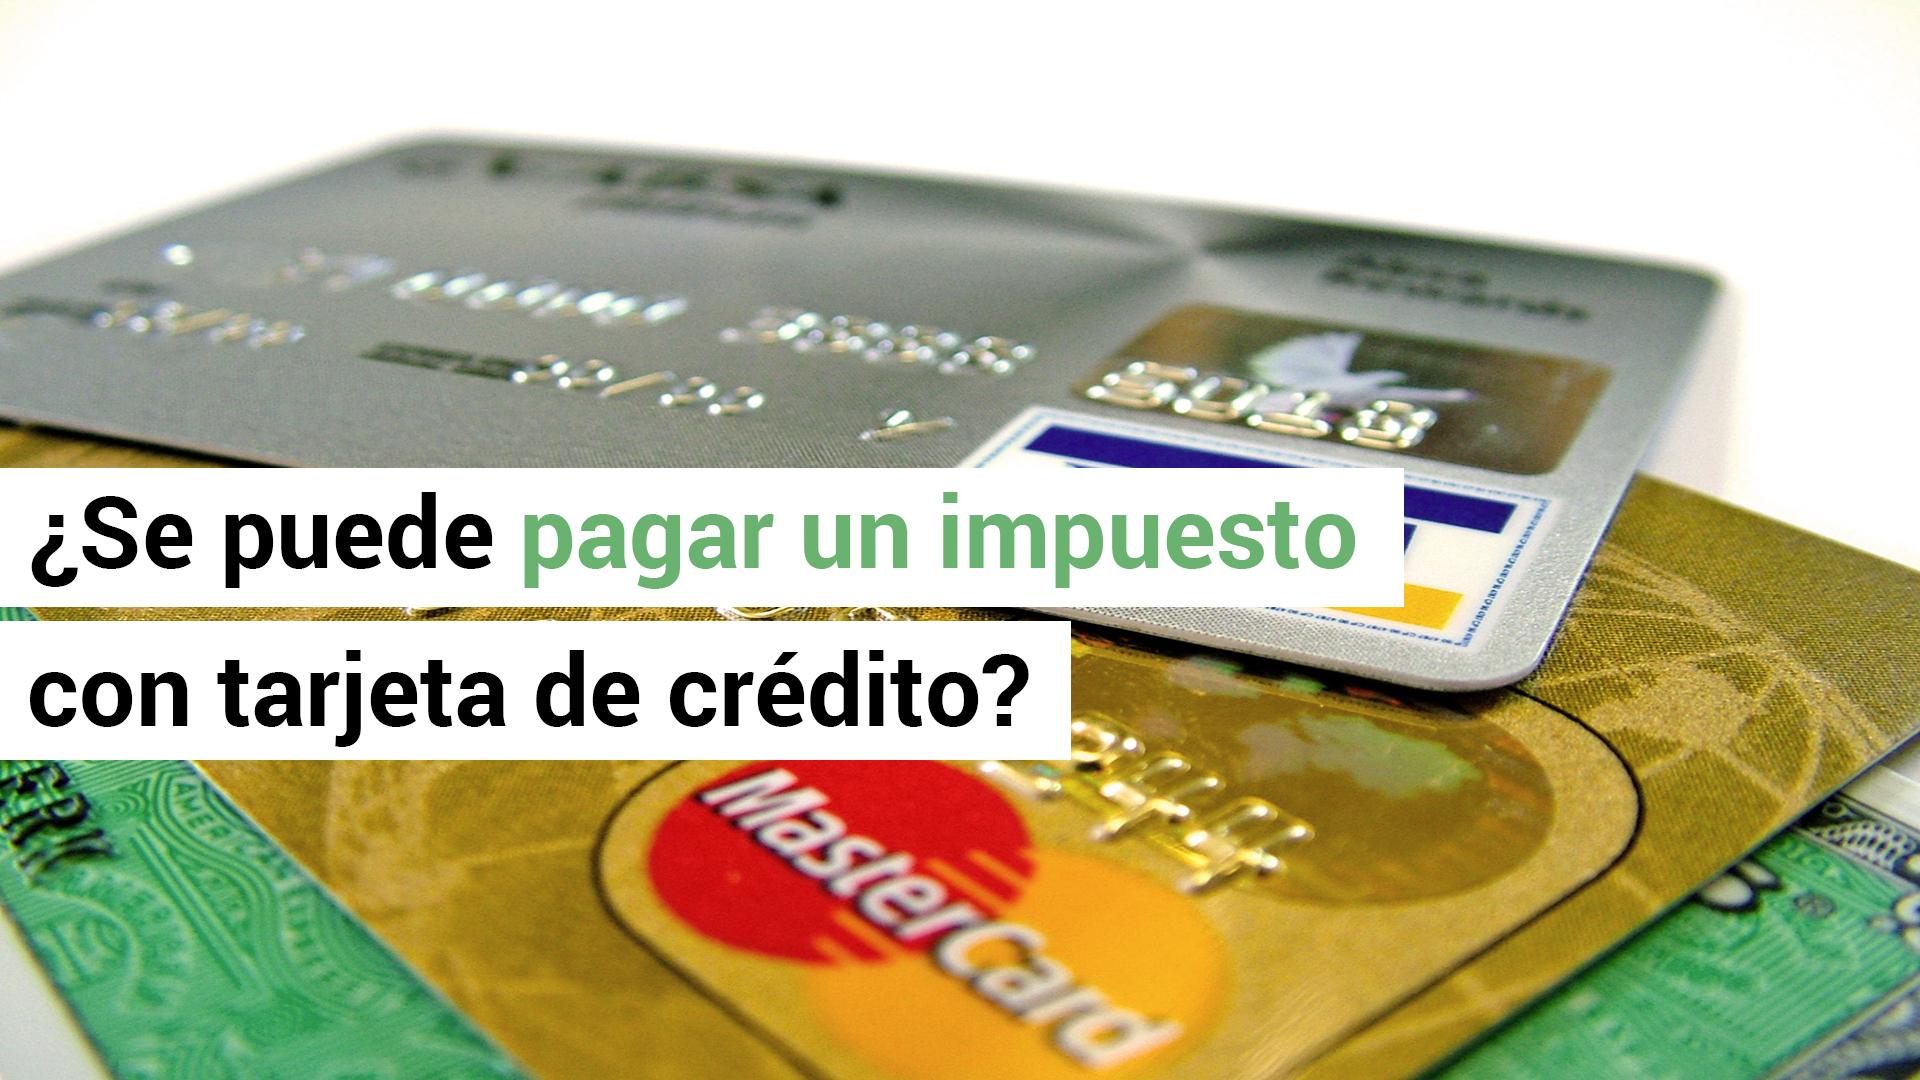 ¿Se puede pagar un impuesto con tarjeta de crédito?